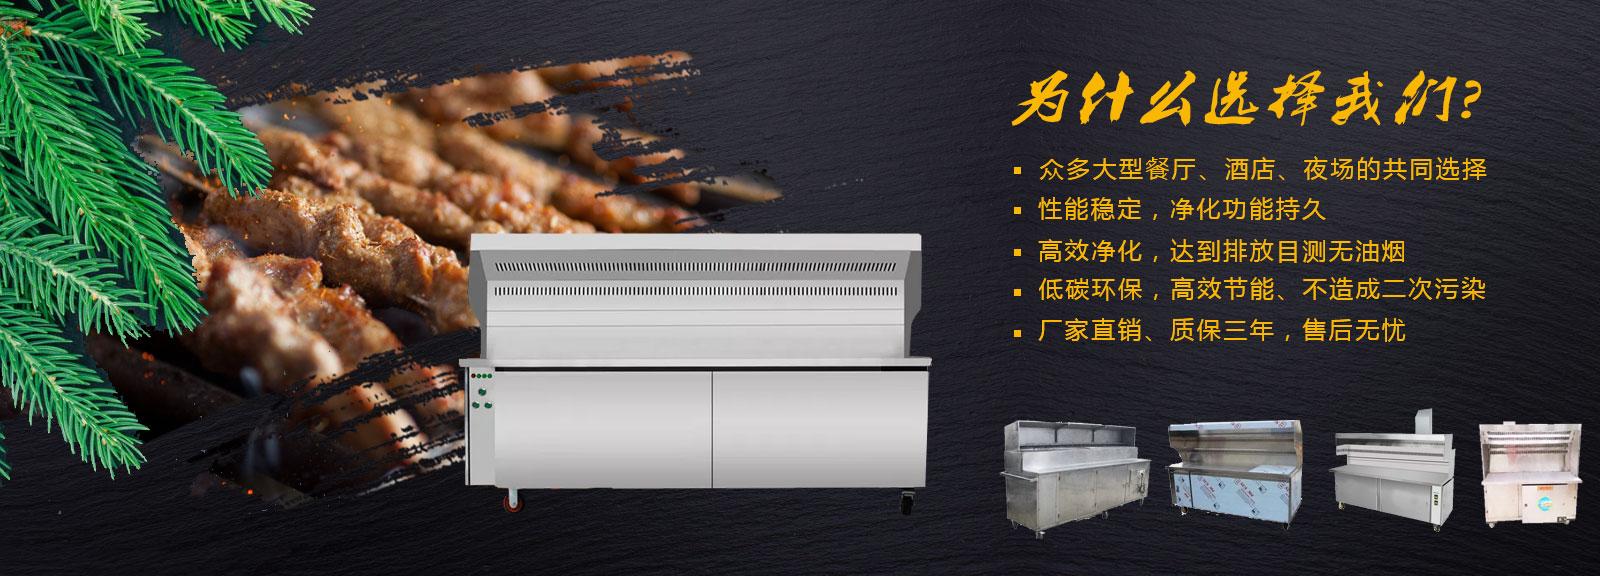 昆明净化烧烤车的市场批发价格是多少钱一台呢